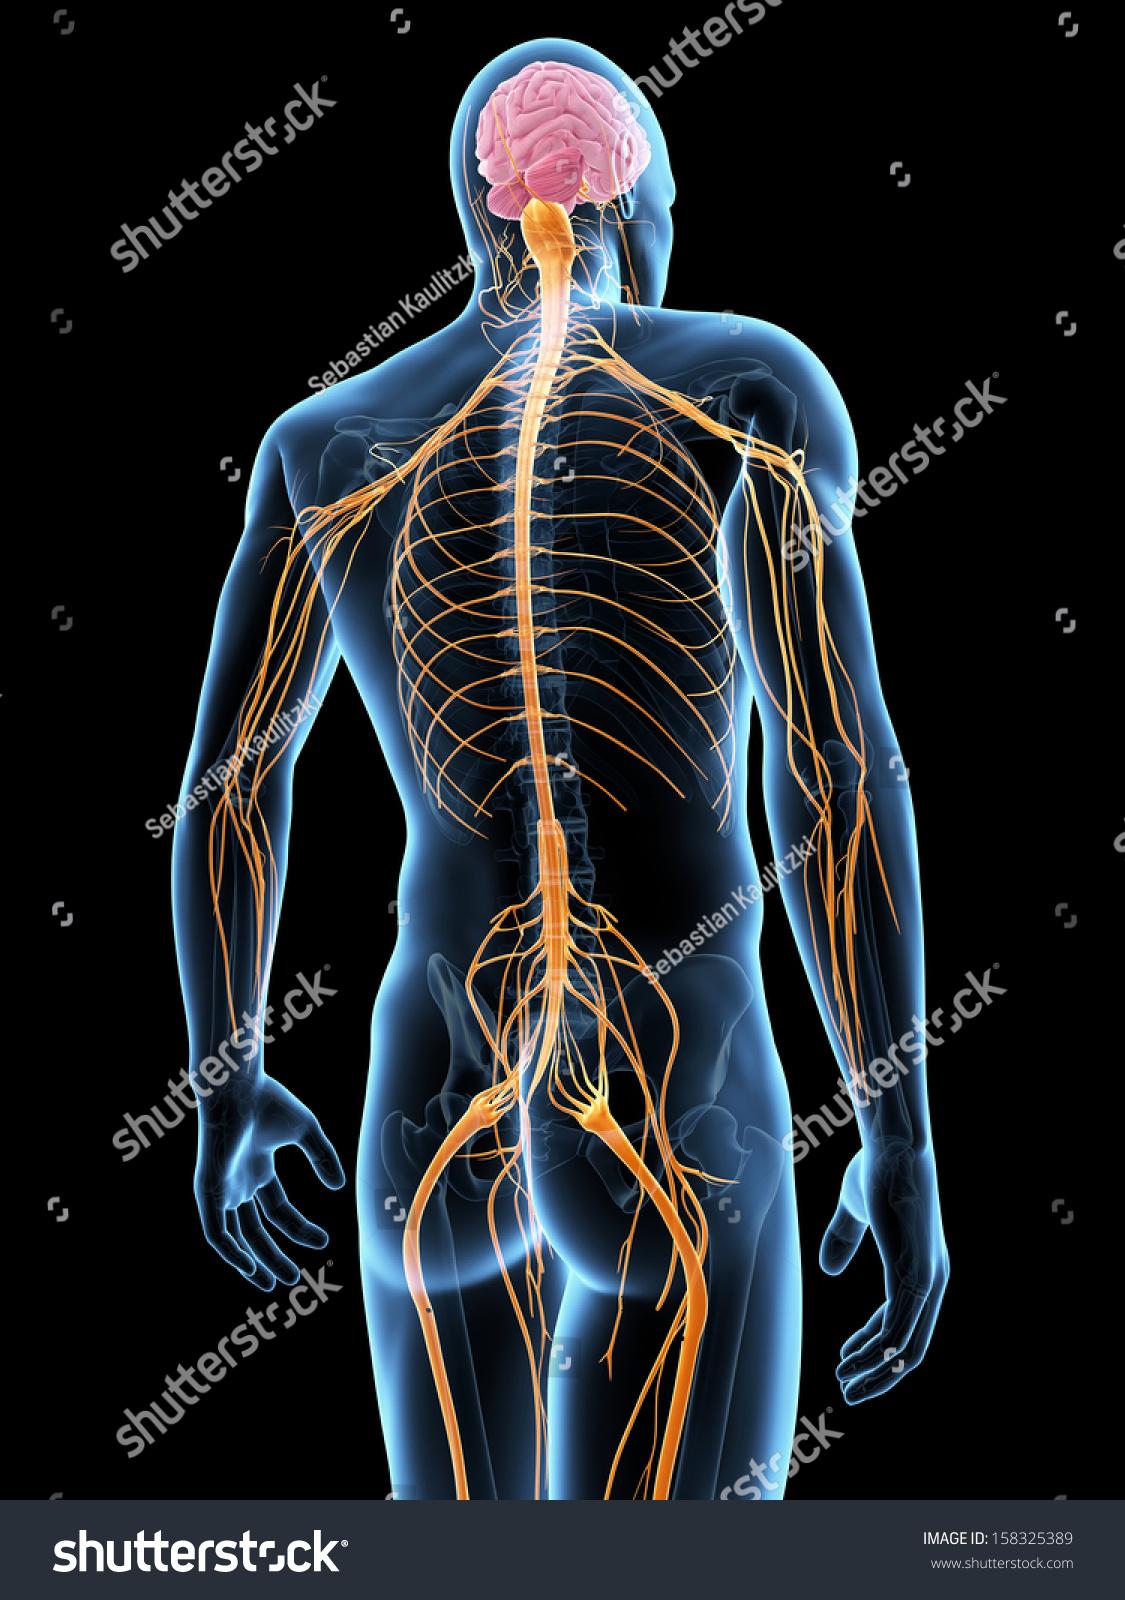 Medical Illustration Nervous System Stock Illustration 158325389 ...